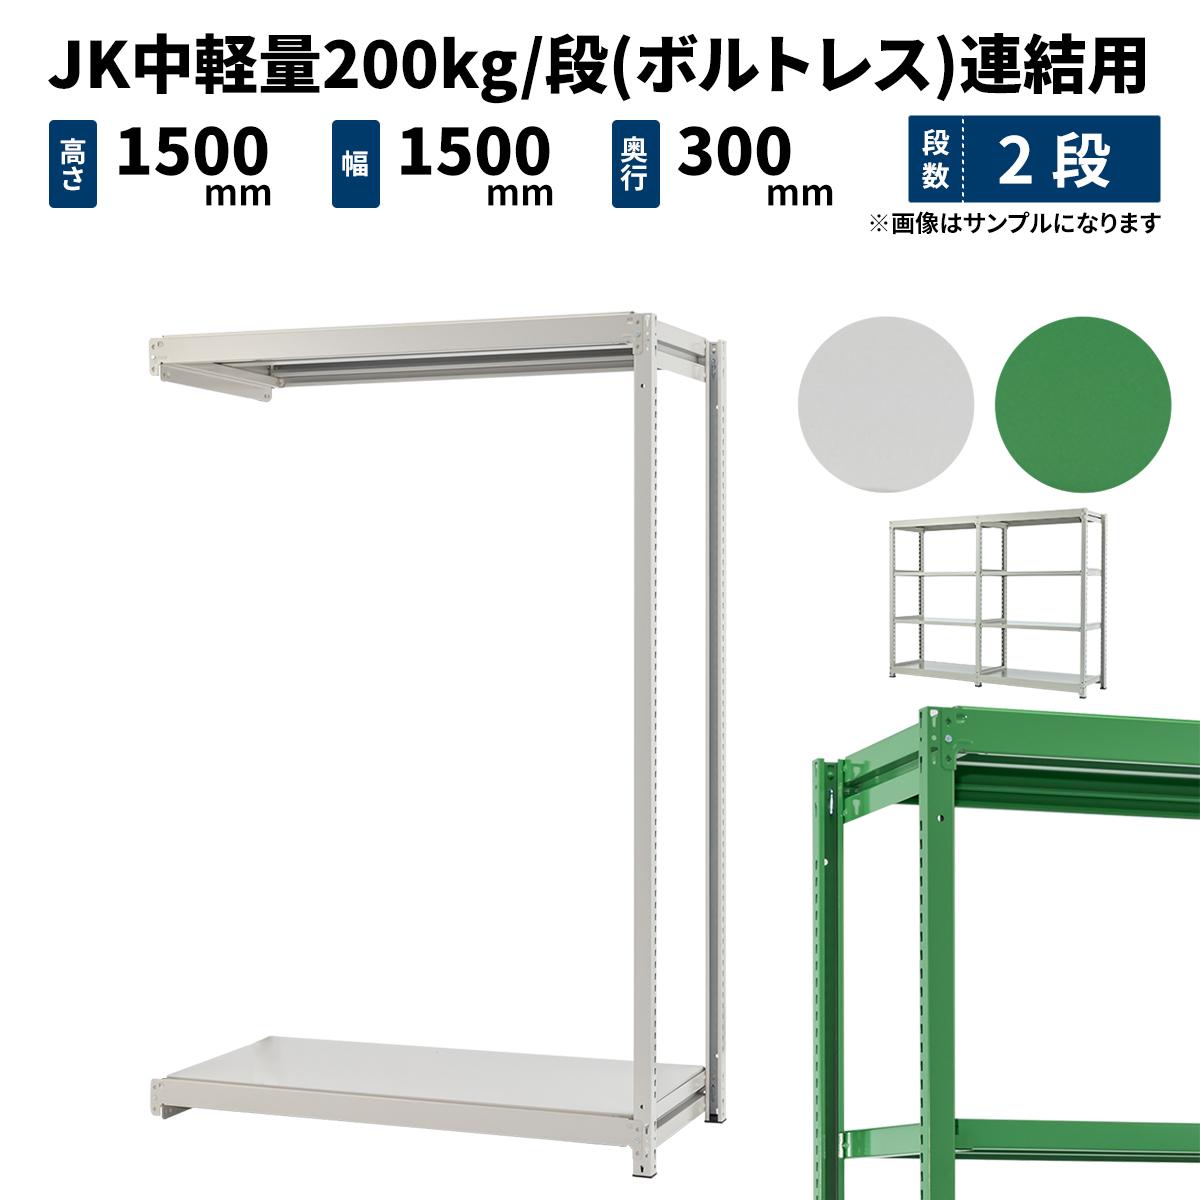 スチールラック 業務用 JK中軽量200kg/段(ボルトレス) 連結形式 高さ1500×幅1500×奥行300mm 2段 ホワイトグレー/グリーン (24kg) JK200_R-151503-2